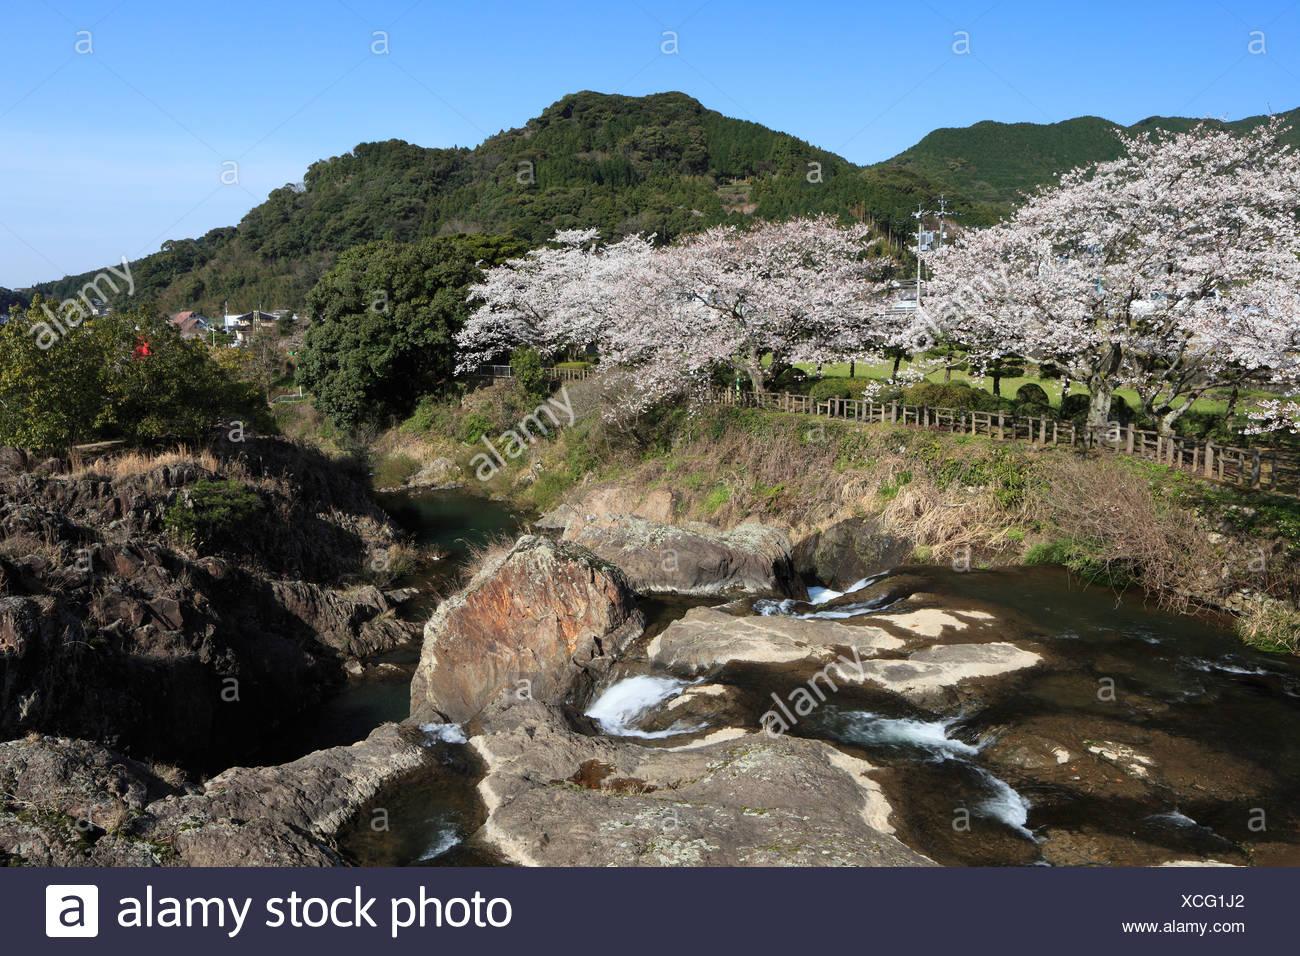 Cherry Blossoms of Todoroki Waterfall Park, Ureshino, Saga, Japan - Stock Image